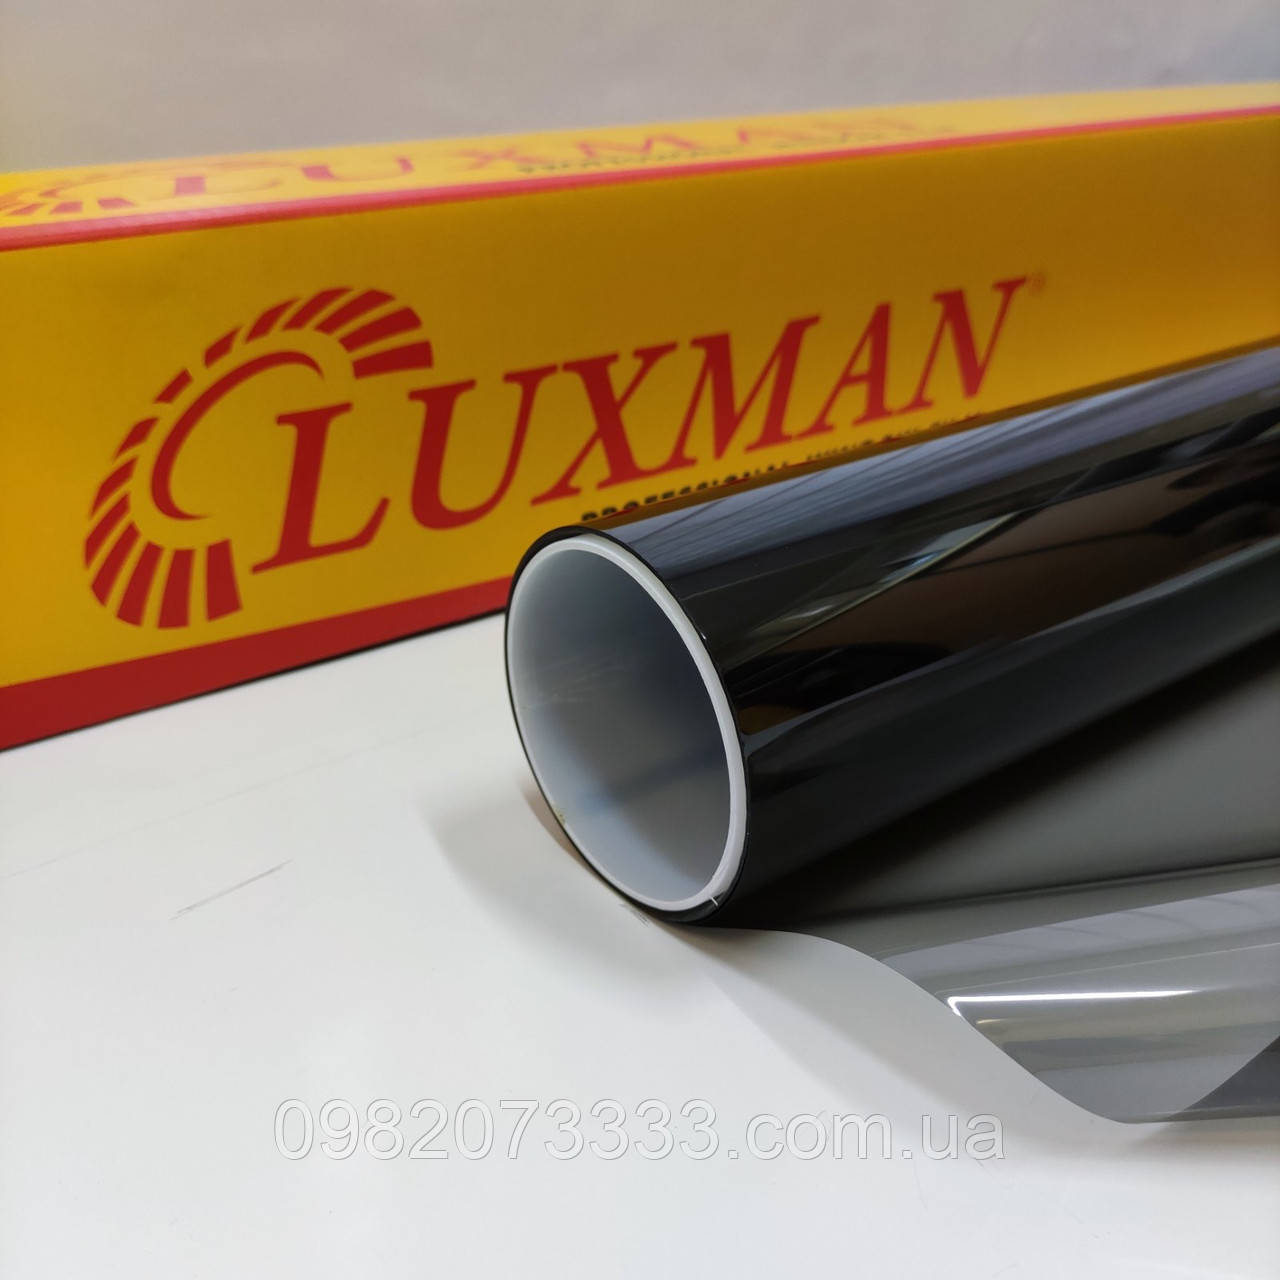 Пленка тонировочная NRX 35 двухслойная, антистатичная. Автомобільна плівка (США)  ширина 1,524 (цена за кв.м)